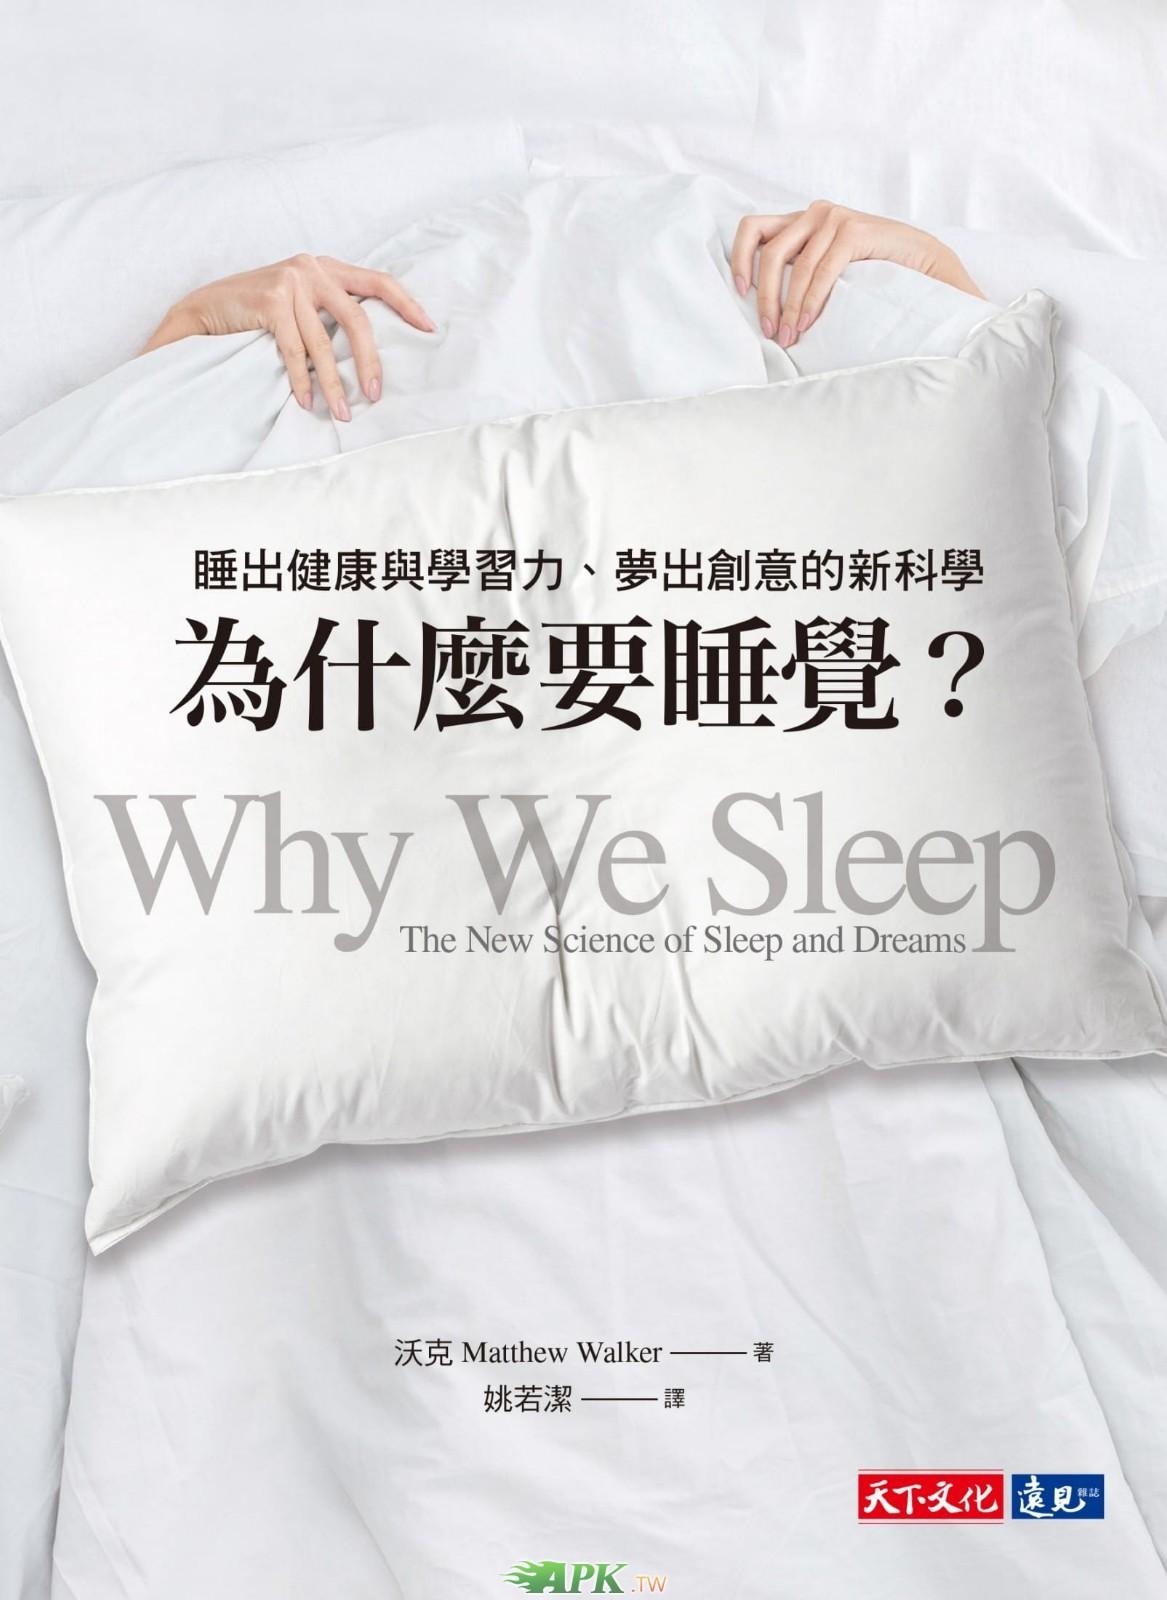 沃克《為什麼要睡覺?》.jpg